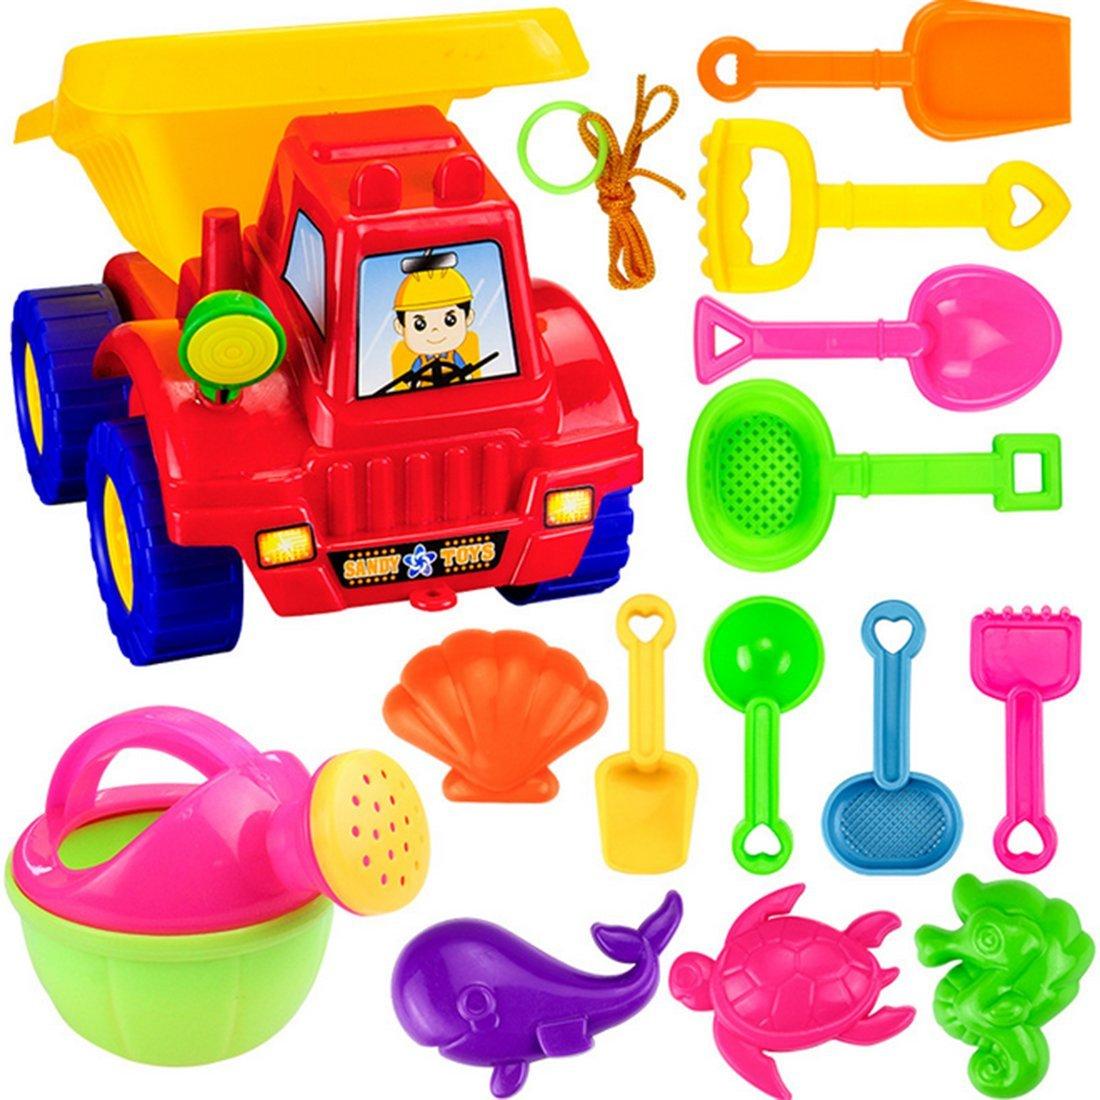 Tosbess 14 Pcs Giochi Spiaggia con Camion pala etc. Set Giochi Mare Spiaggia per Bambini Secchiello Formine Sabbia con barile